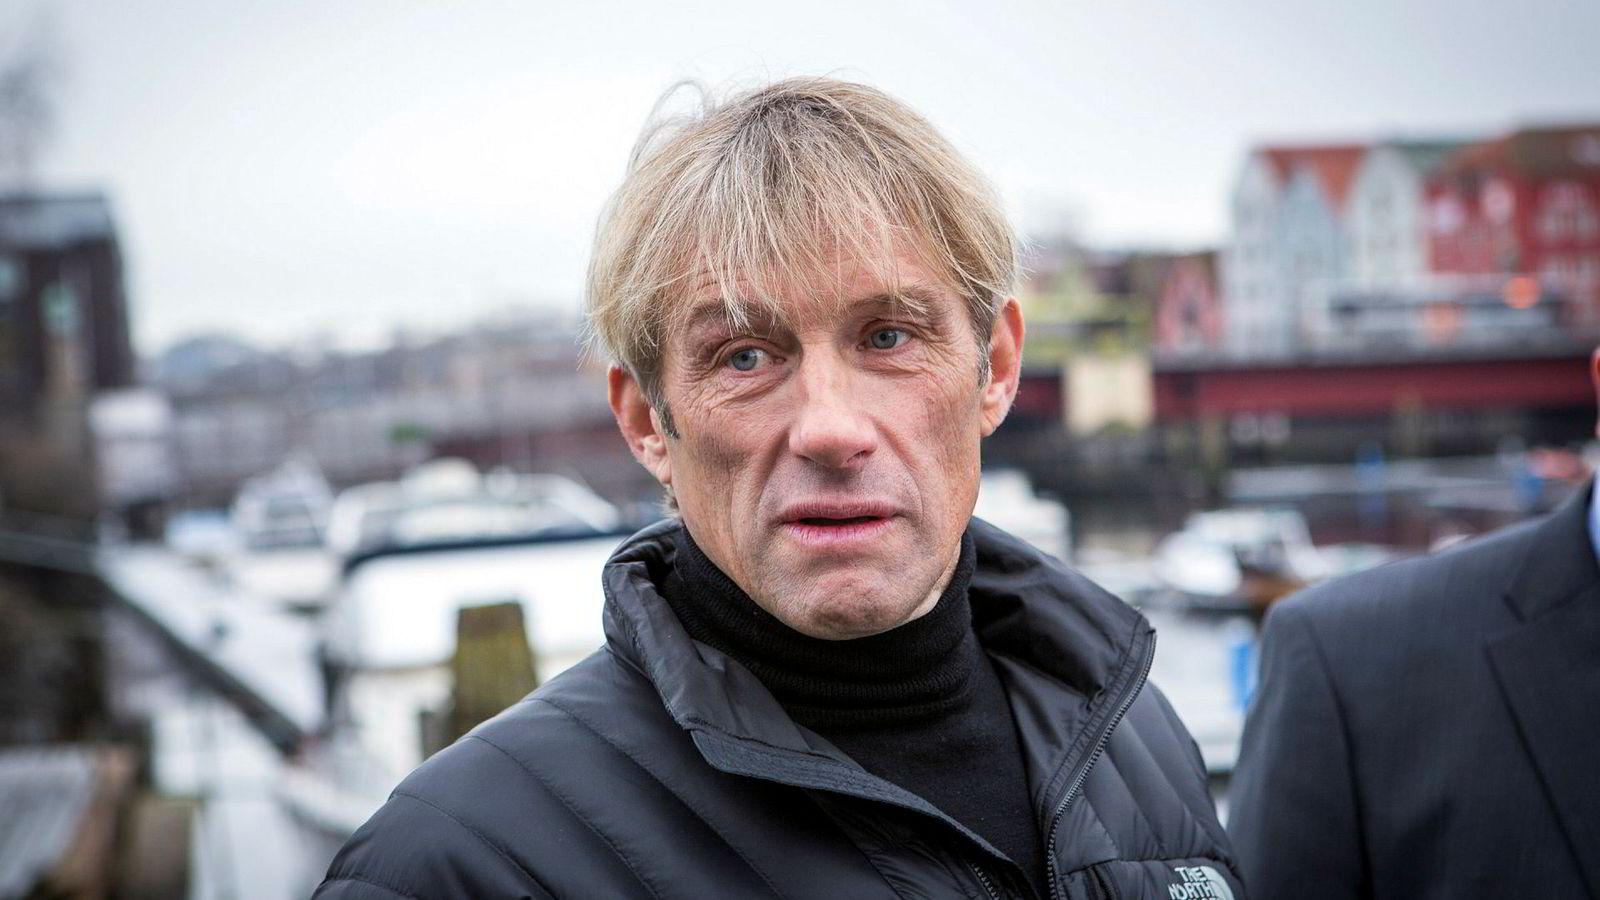 Terje Eriksen i Prora Eiendom er idømt en streng straff, men lagmannsretten frikjenner ham på flere punkter han ble dømt for i tingretten. Bildet er fra 2012.